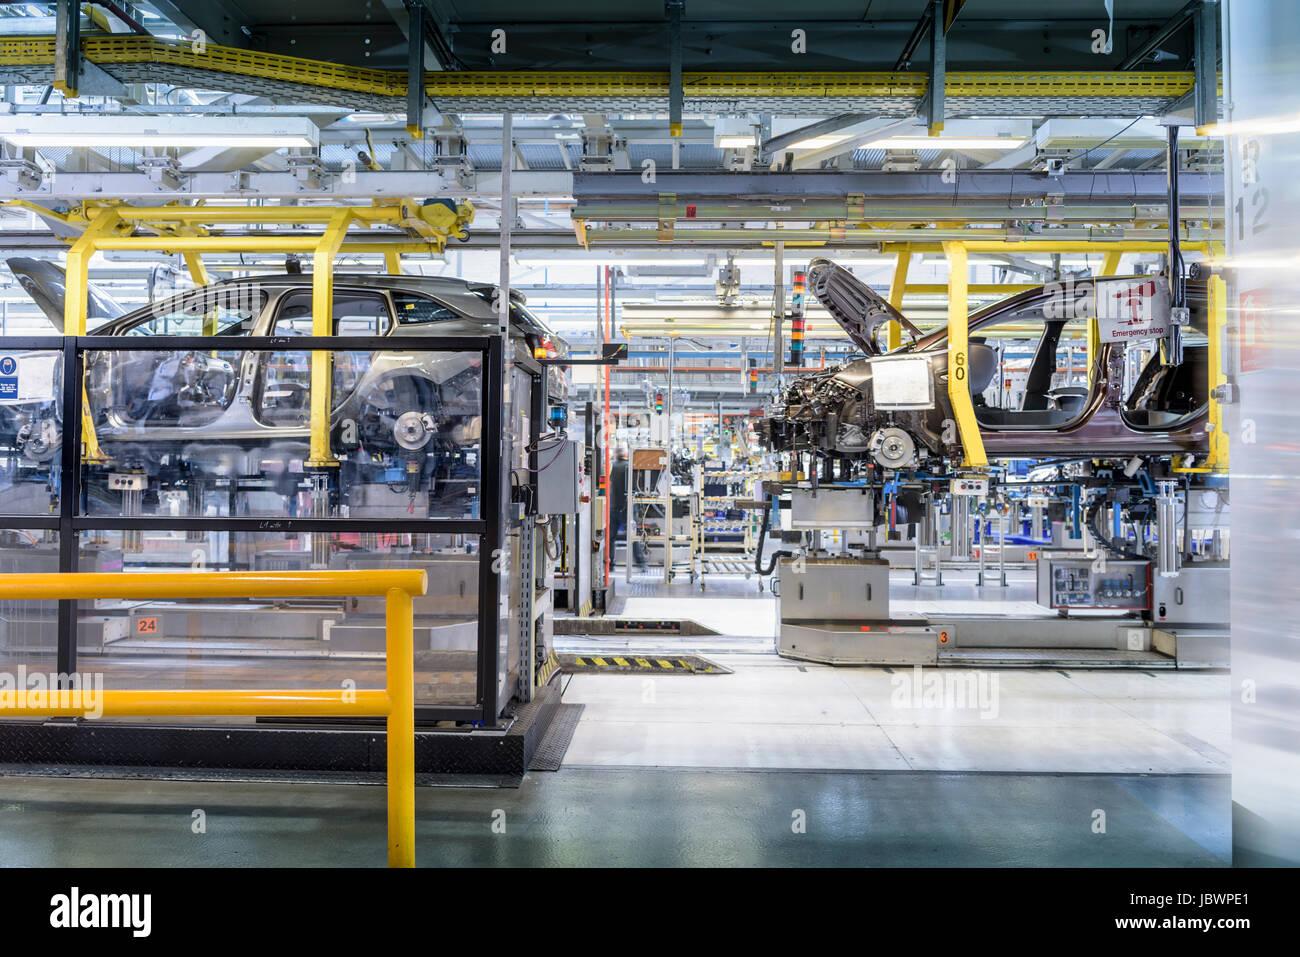 Auto-Produktionslinie in Automobilfabrik Stockbild